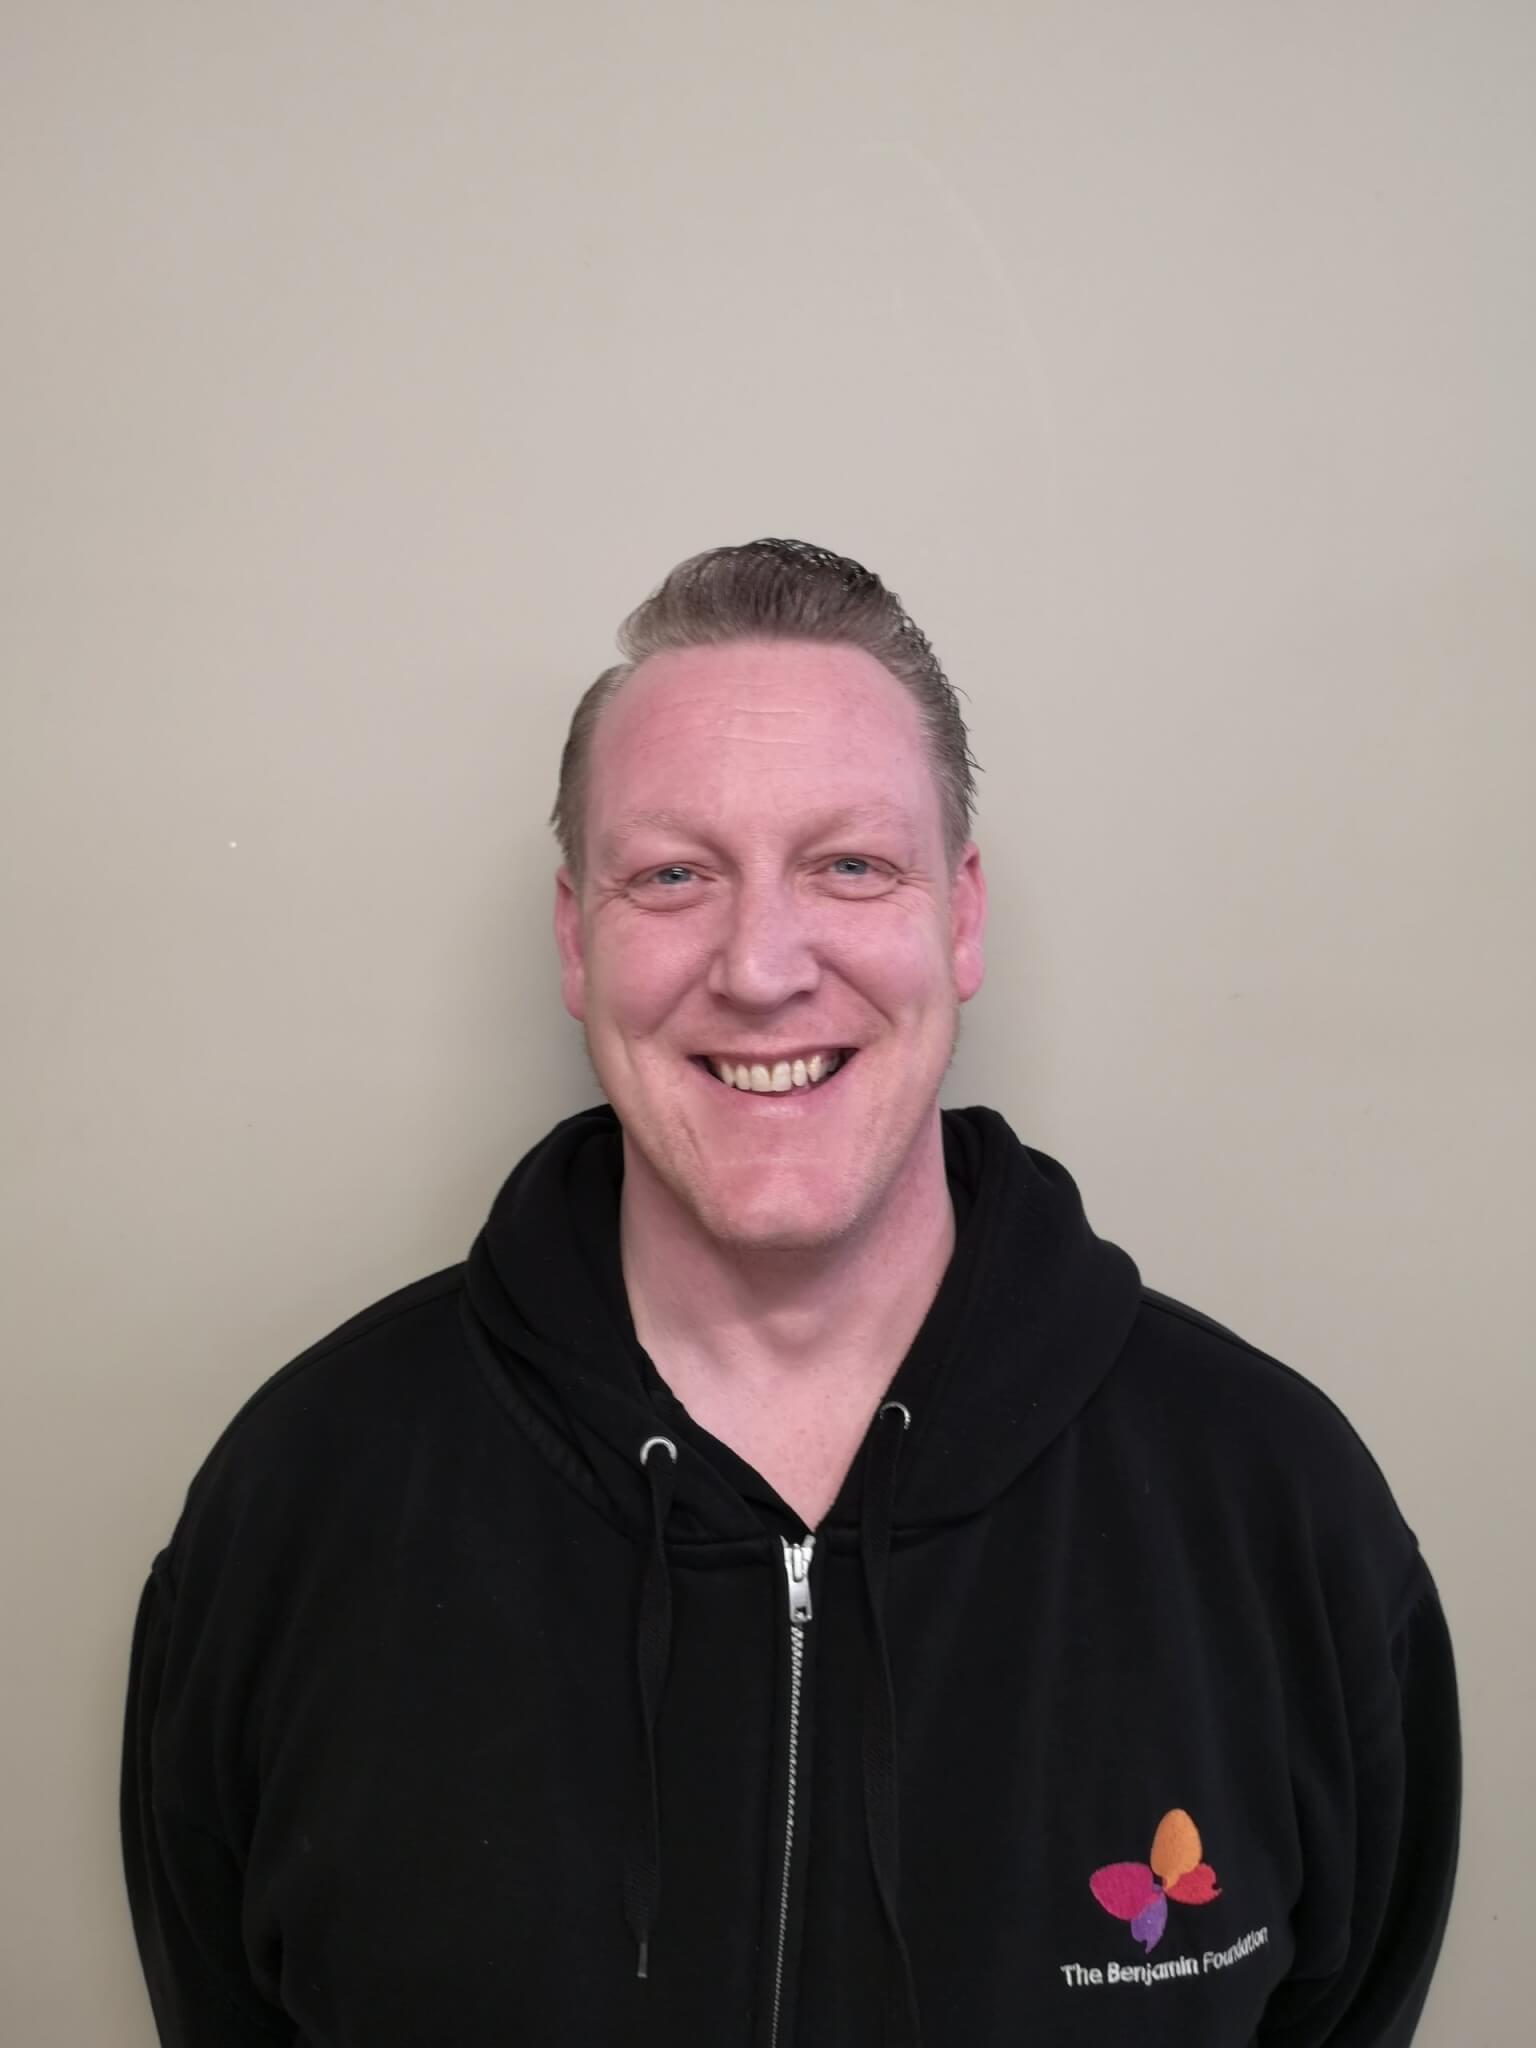 Darren Plumb's profile image